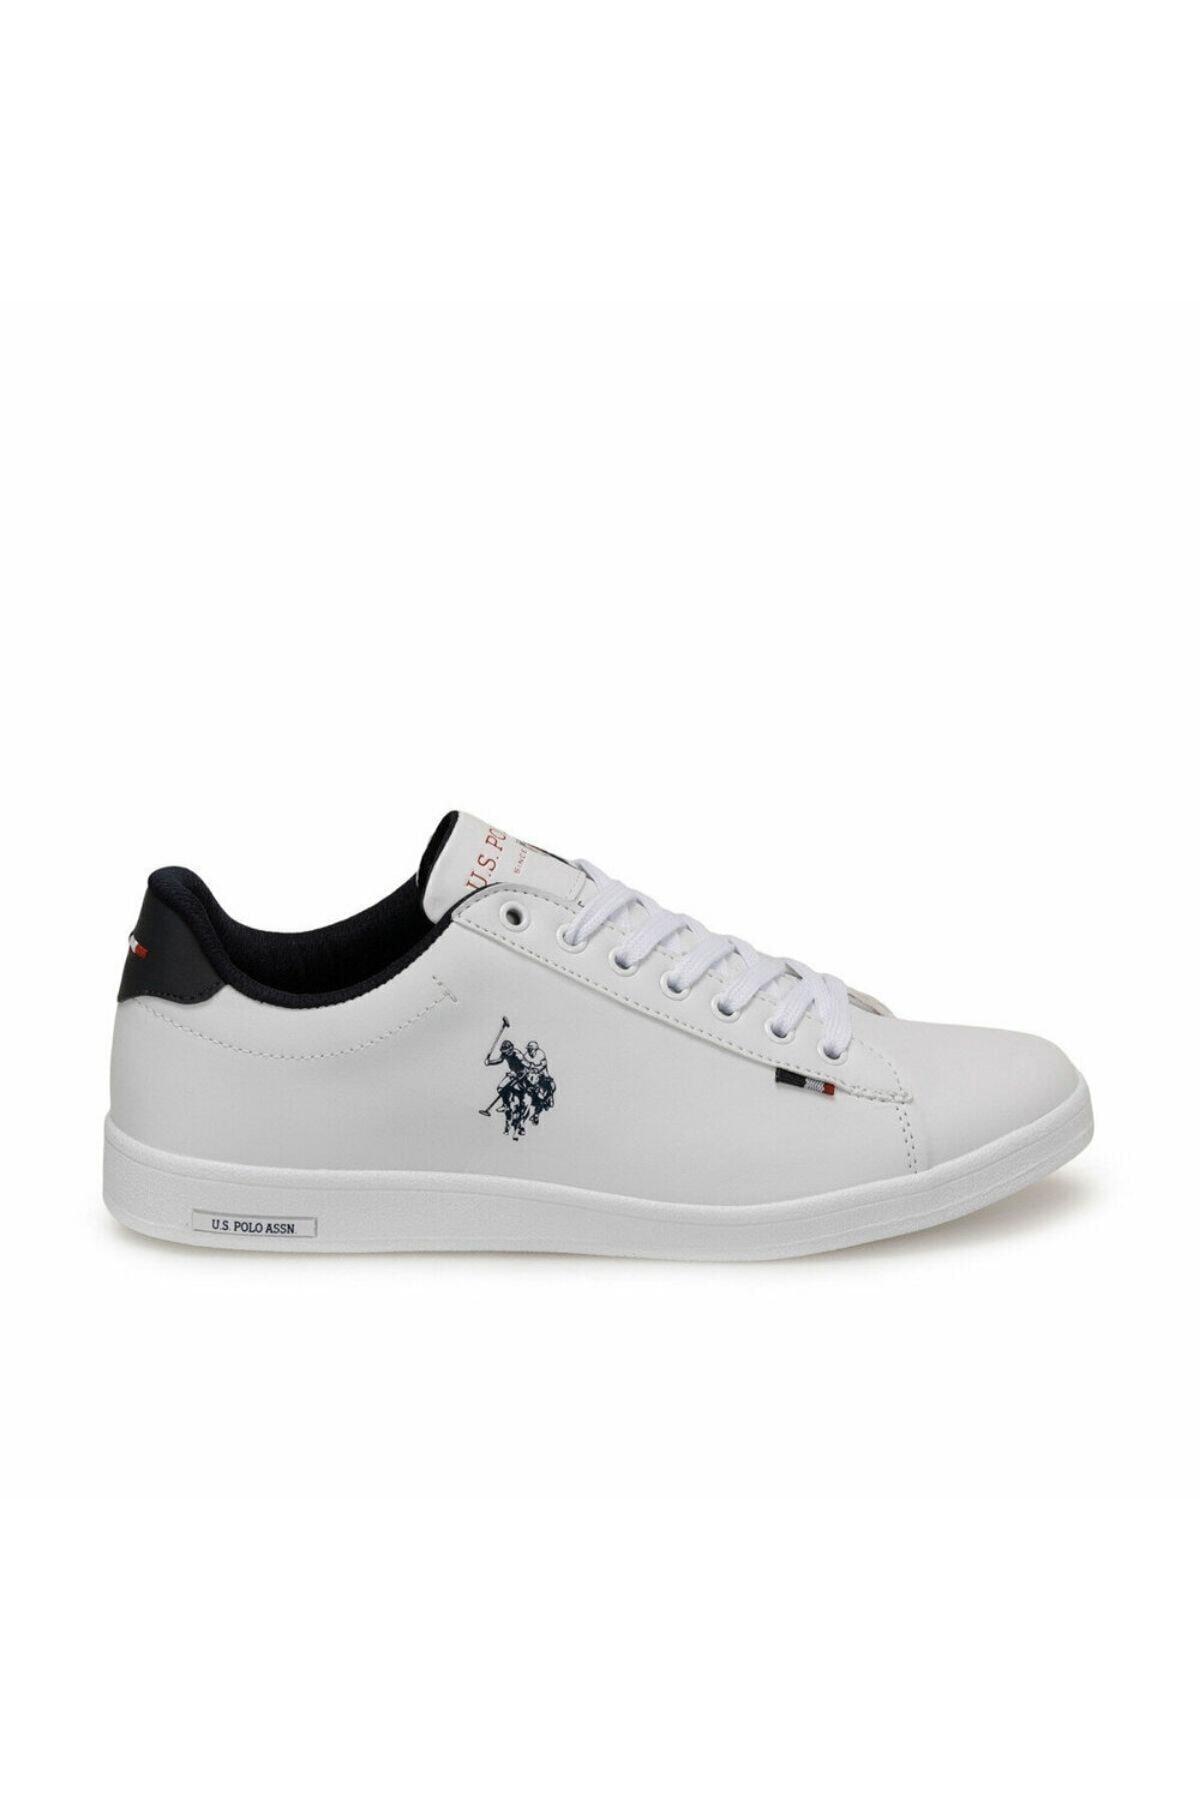 U.S. Polo Assn. FRANCO Beyaz Erkek Sneaker Ayakkabı 100249743 2